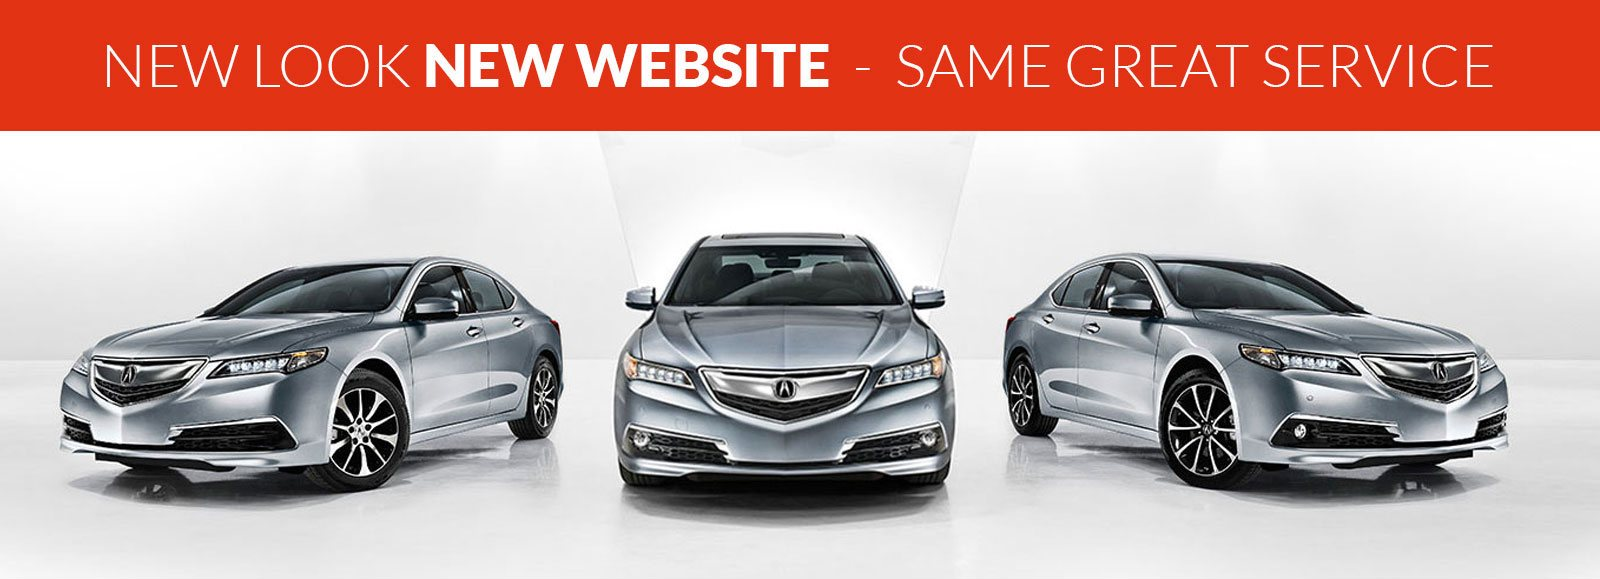 medium resolution of new look new website